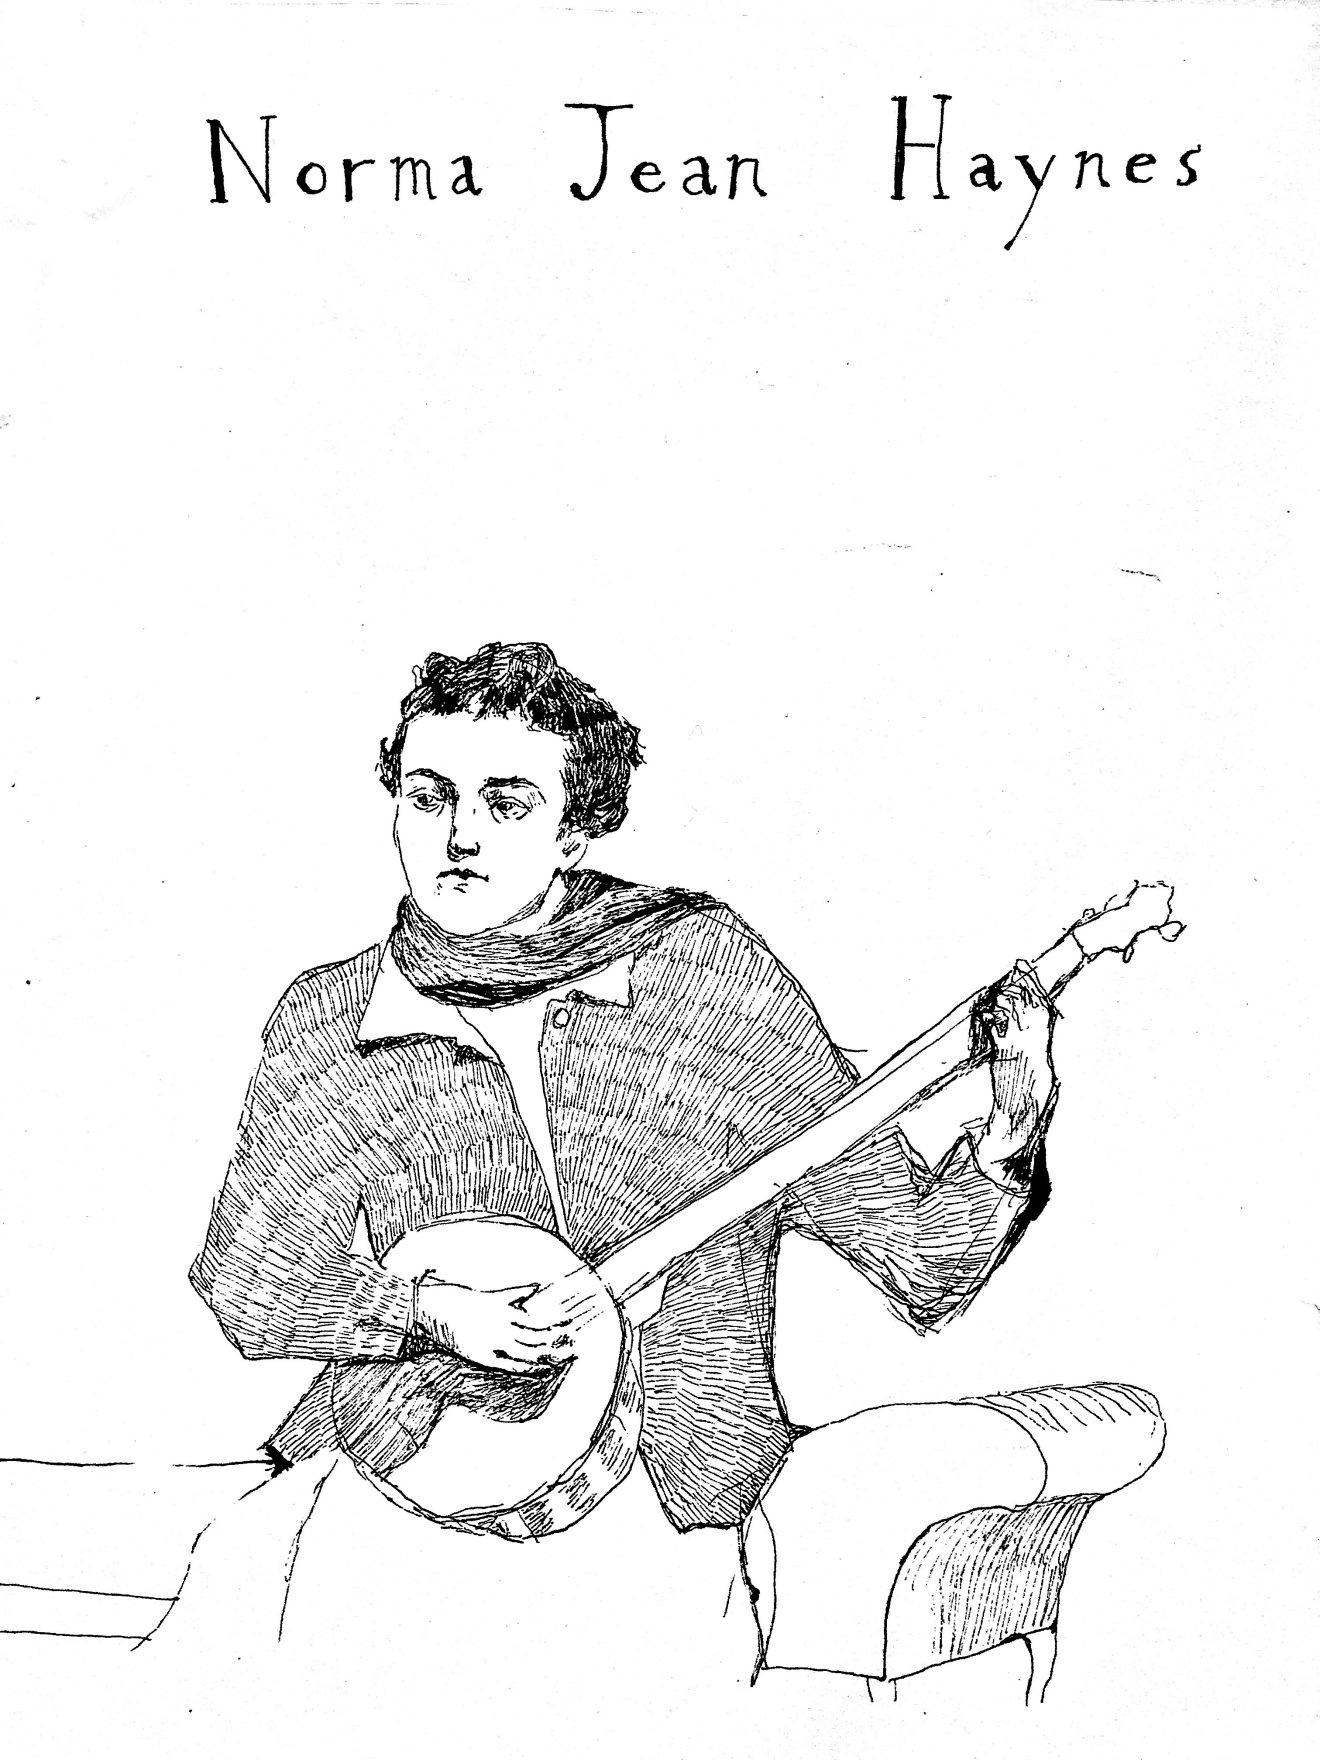 Norma Jean Haynes - sketch